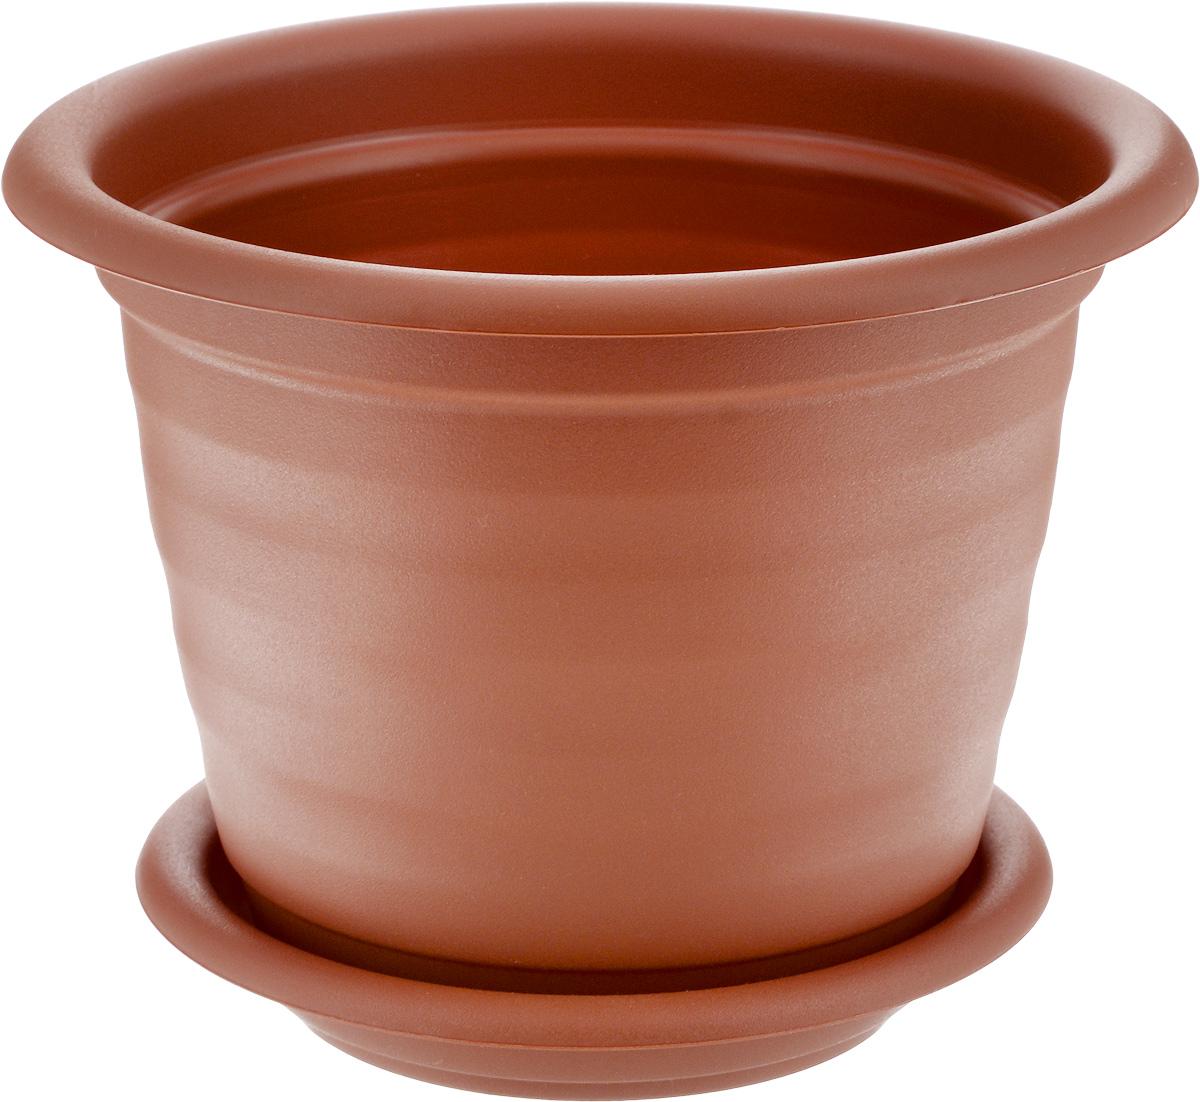 Кашпо Idea Ламела, с поддоном, цвет: терракотовый, 3 л531-302Кашпо Idea Ламела изготовлено из высококачественного пластика. Специальный поддон предназначен для стока воды. Изделие прекрасно подходит для выращивания растений и цветов в домашних условиях. Лаконичный дизайн впишется в интерьер любого помещения. Диаметр поддона: 18 см. Диаметр кашпо по верхнему краю: 21 см.Высота кашпо: 18 см.Объем кашпо: 3 л.